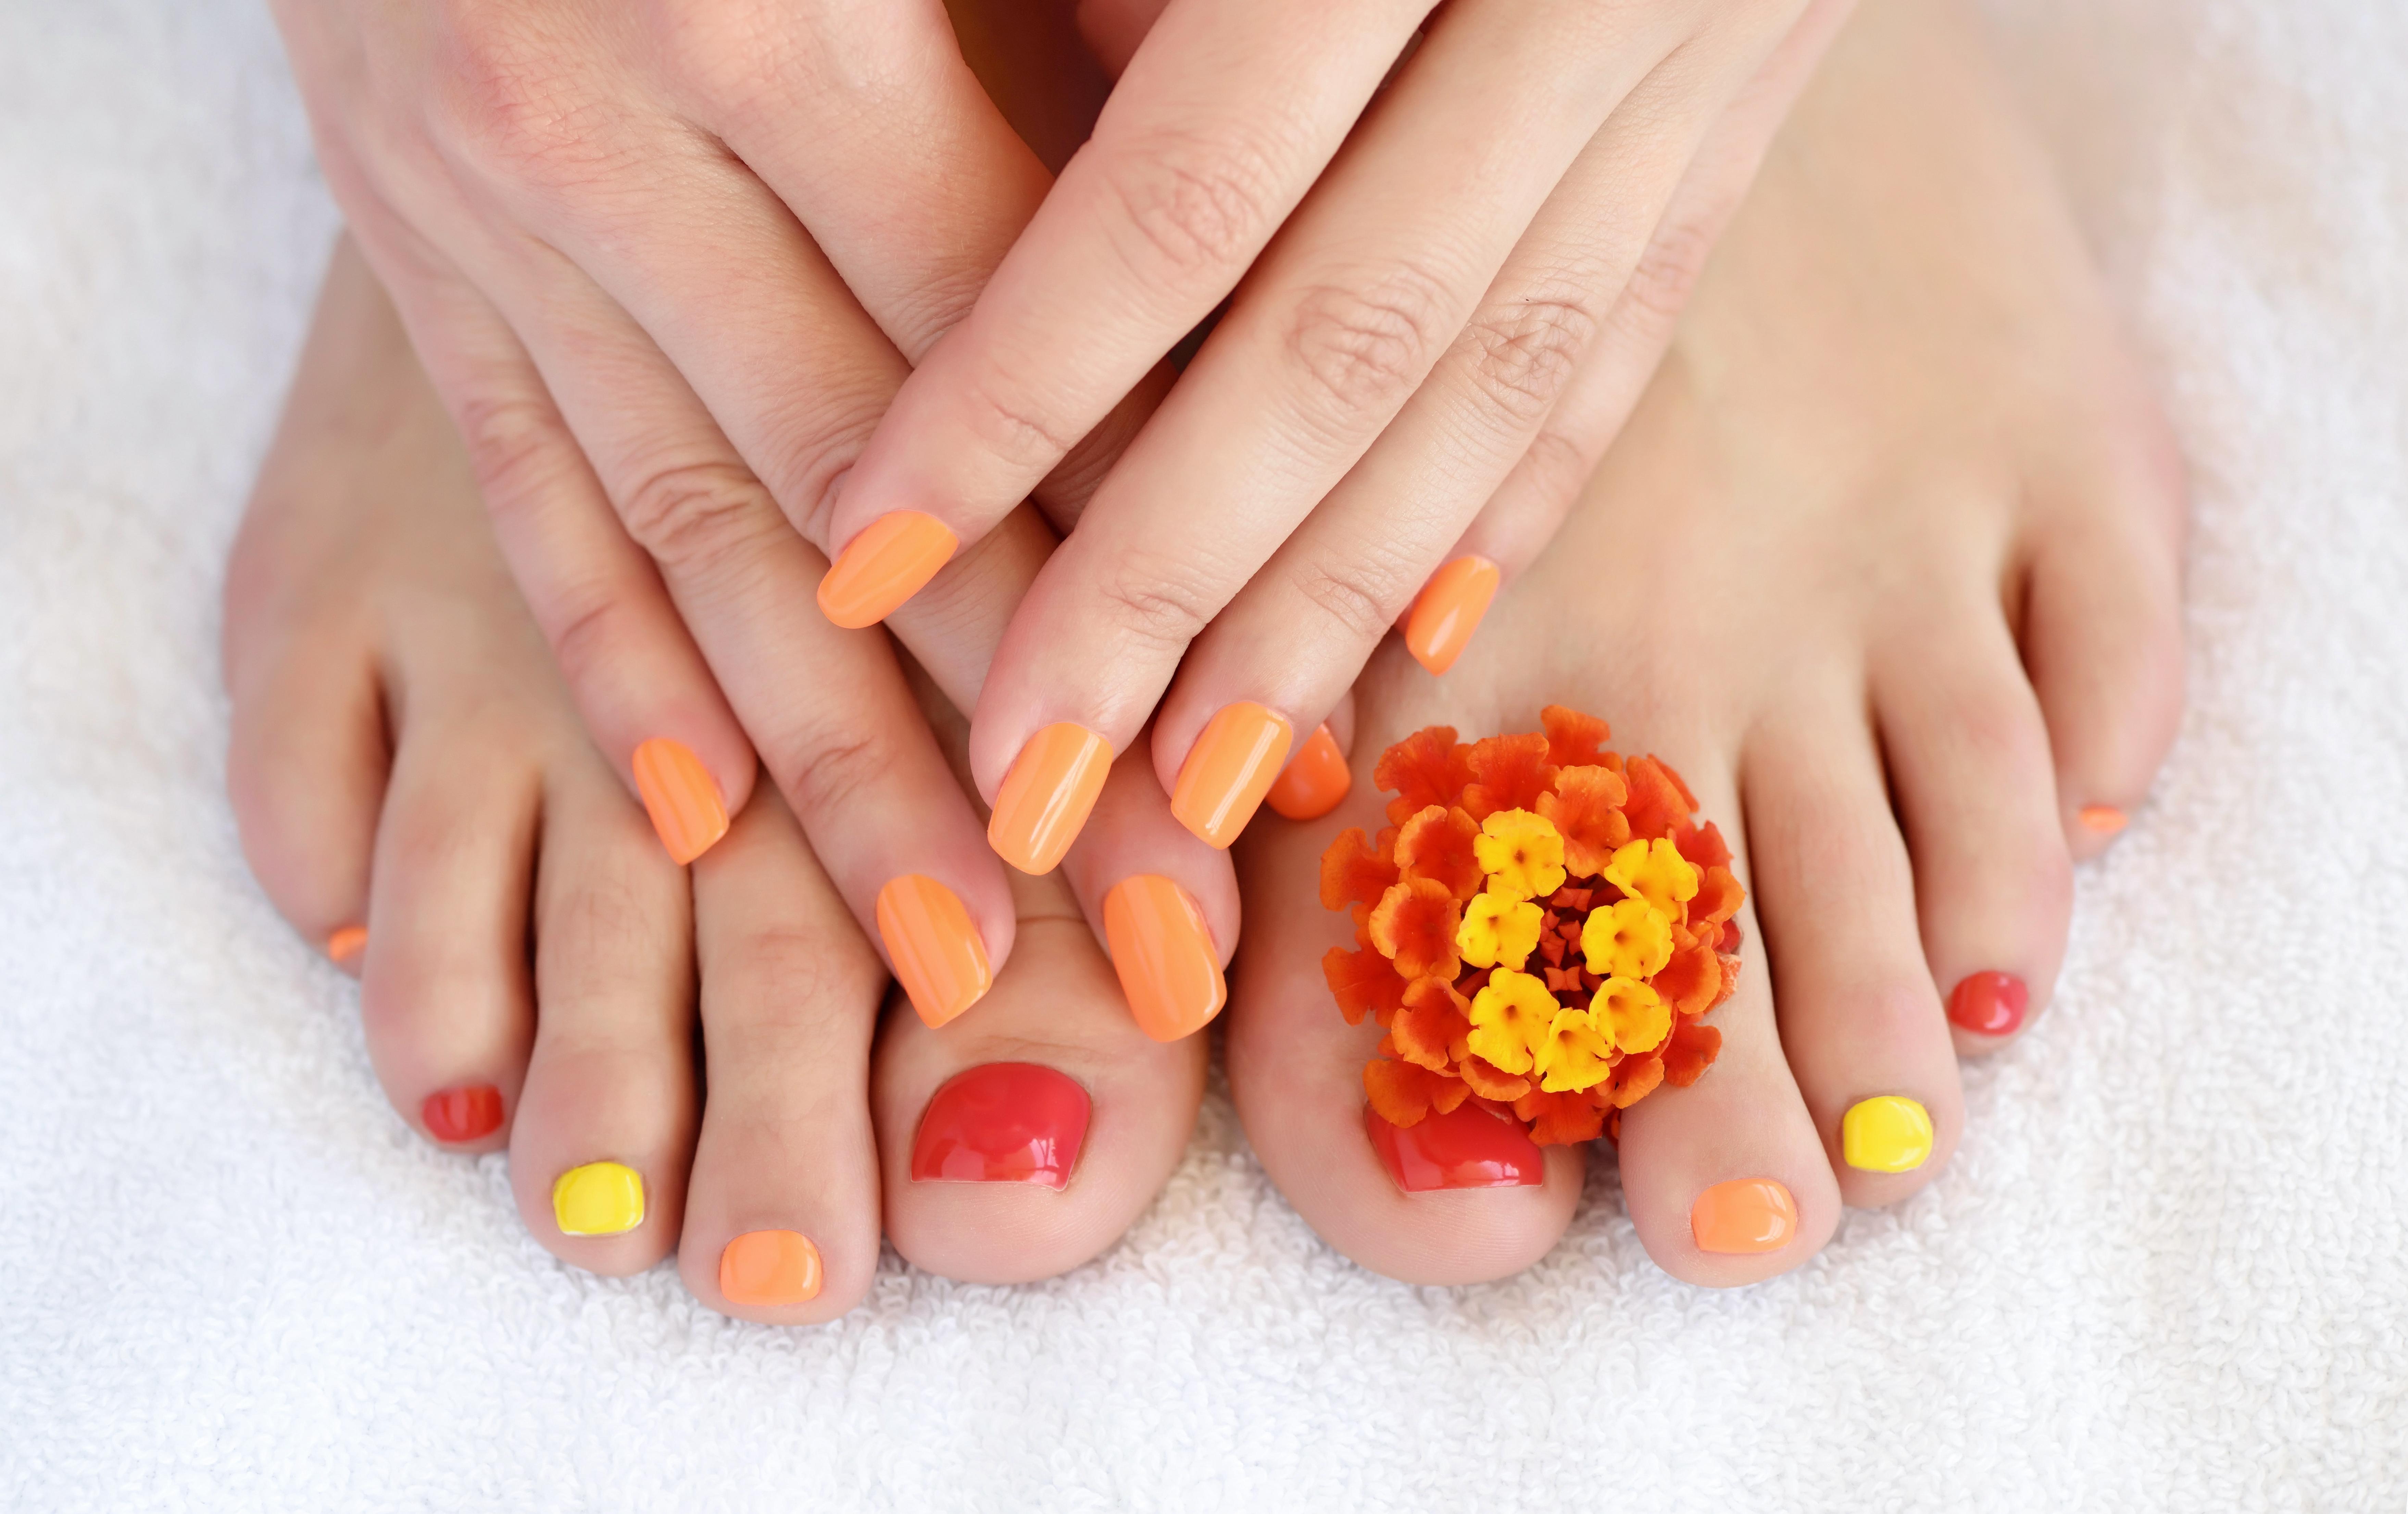 اللون البرتقالي يتناسق بشدة مع اللون الأصفر